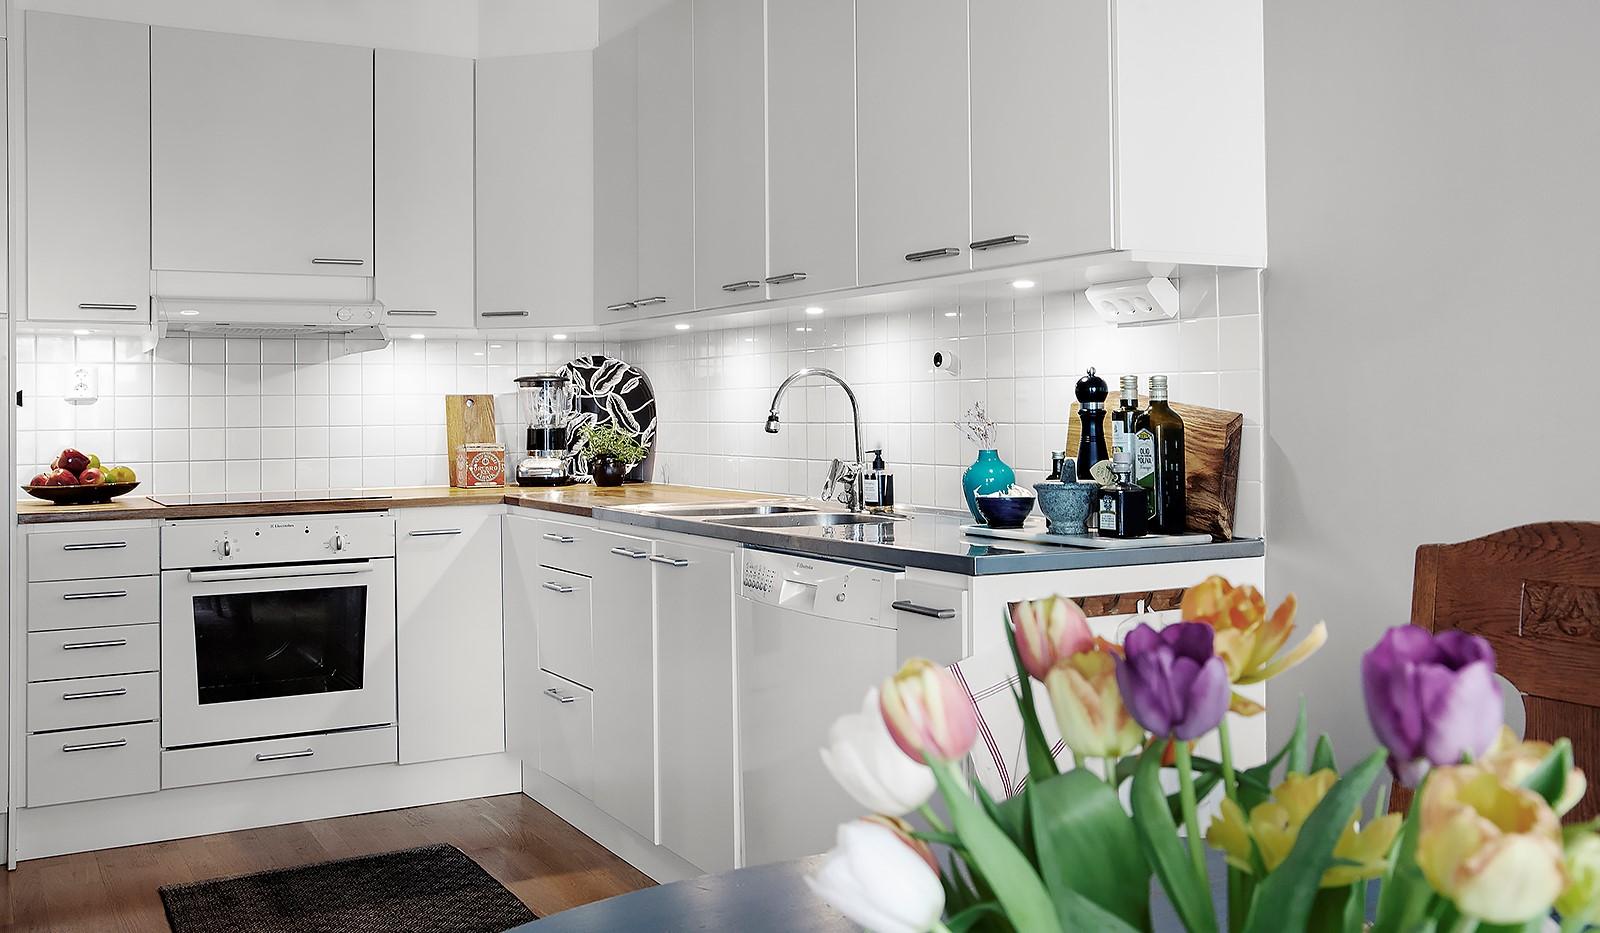 Vingårdsgatan 5, 3 tr - Stilrent kök med dimbara spotlights